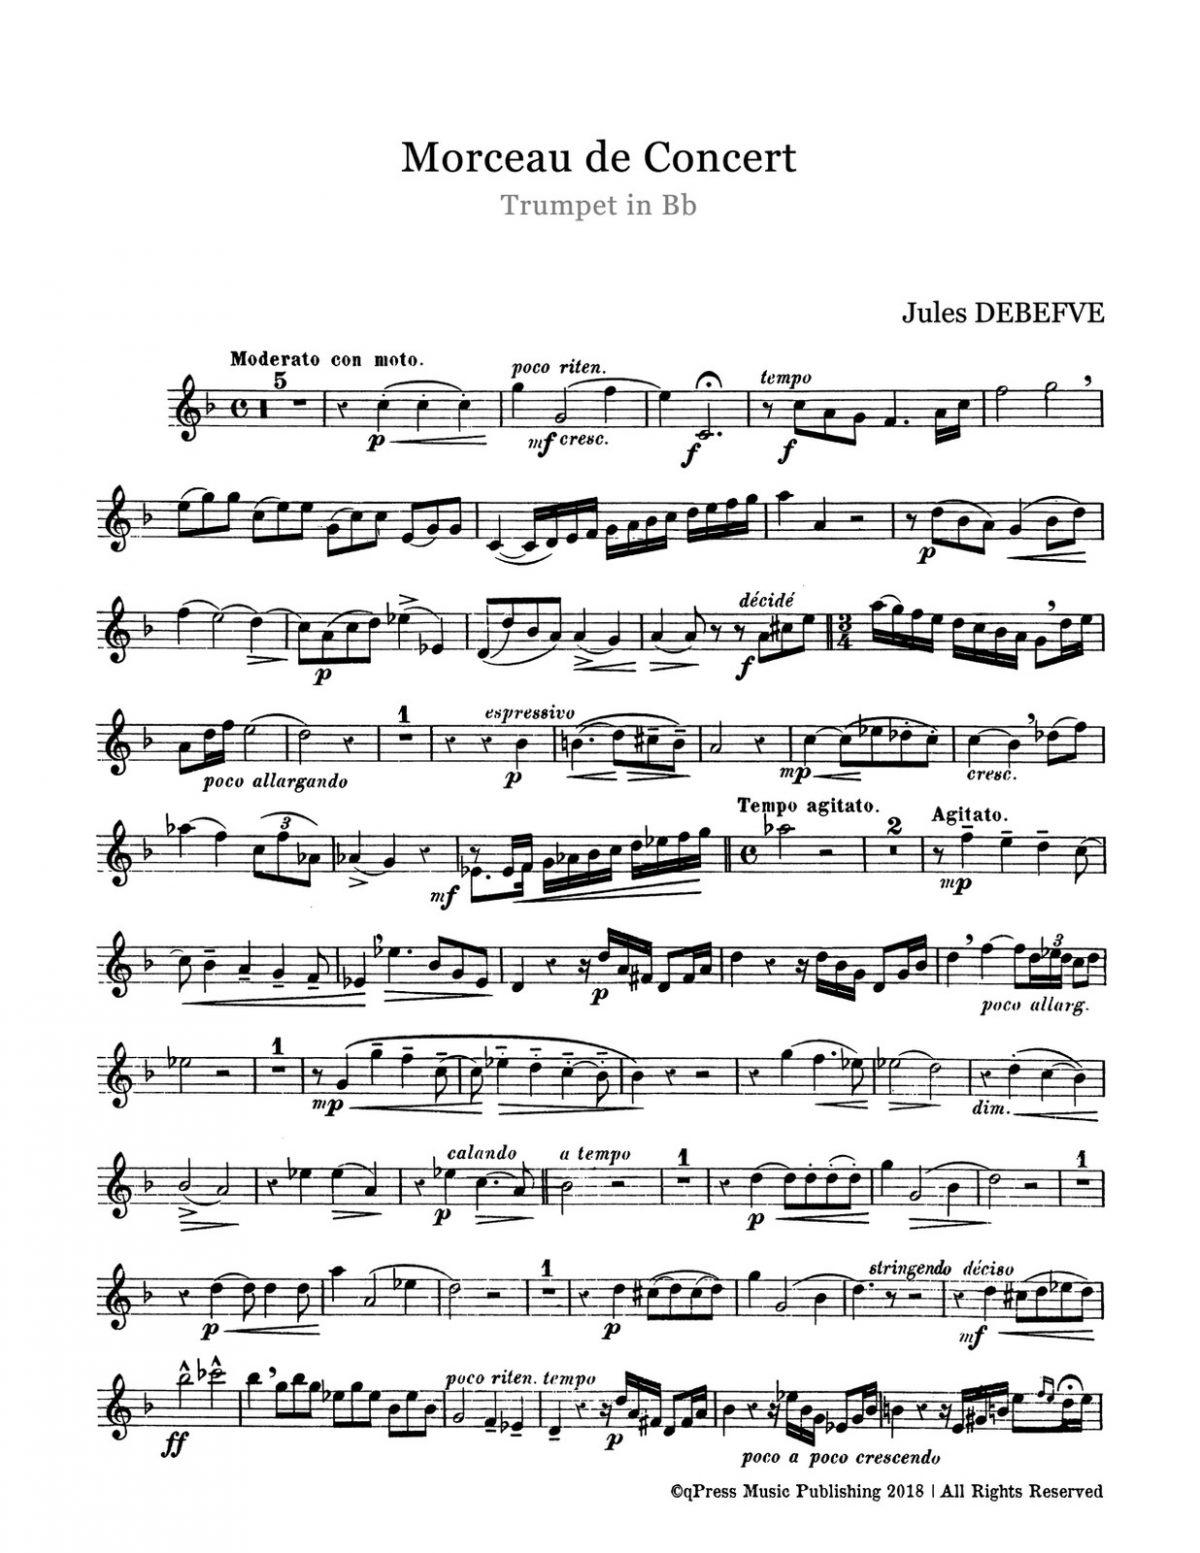 Debefve, Morceau de Concert-p02